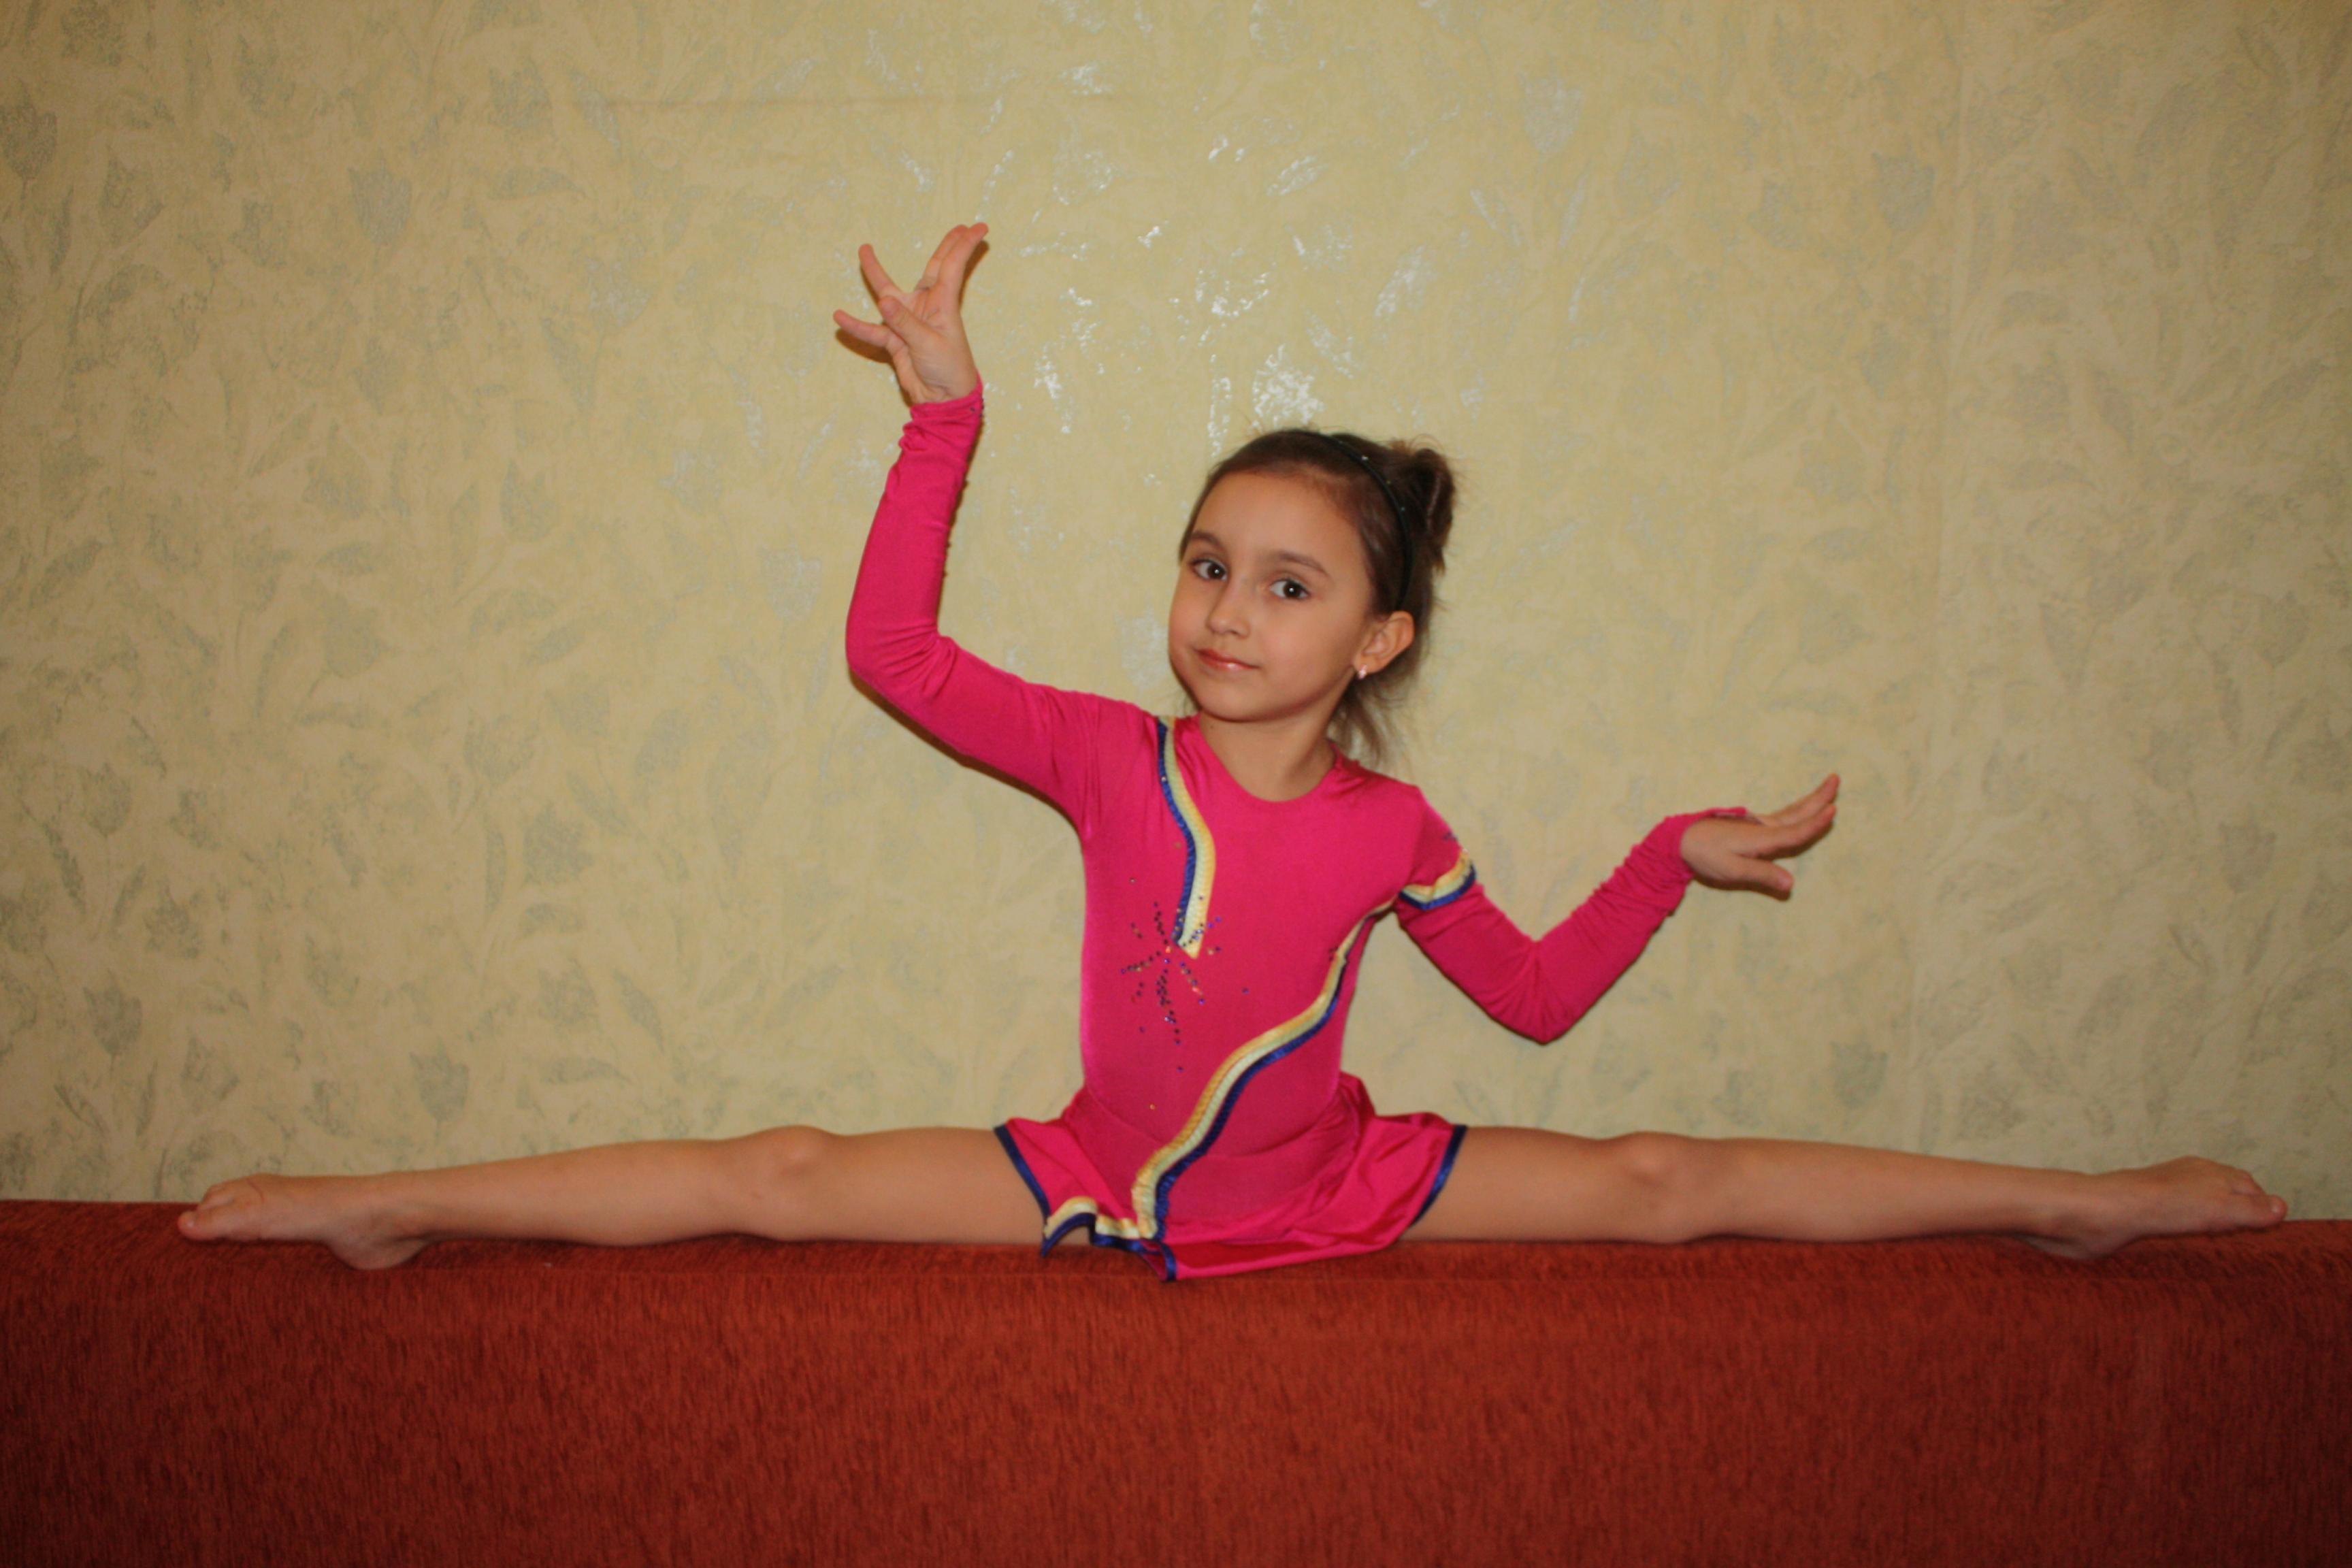 Фото гимнастка на шпагате 13 фотография